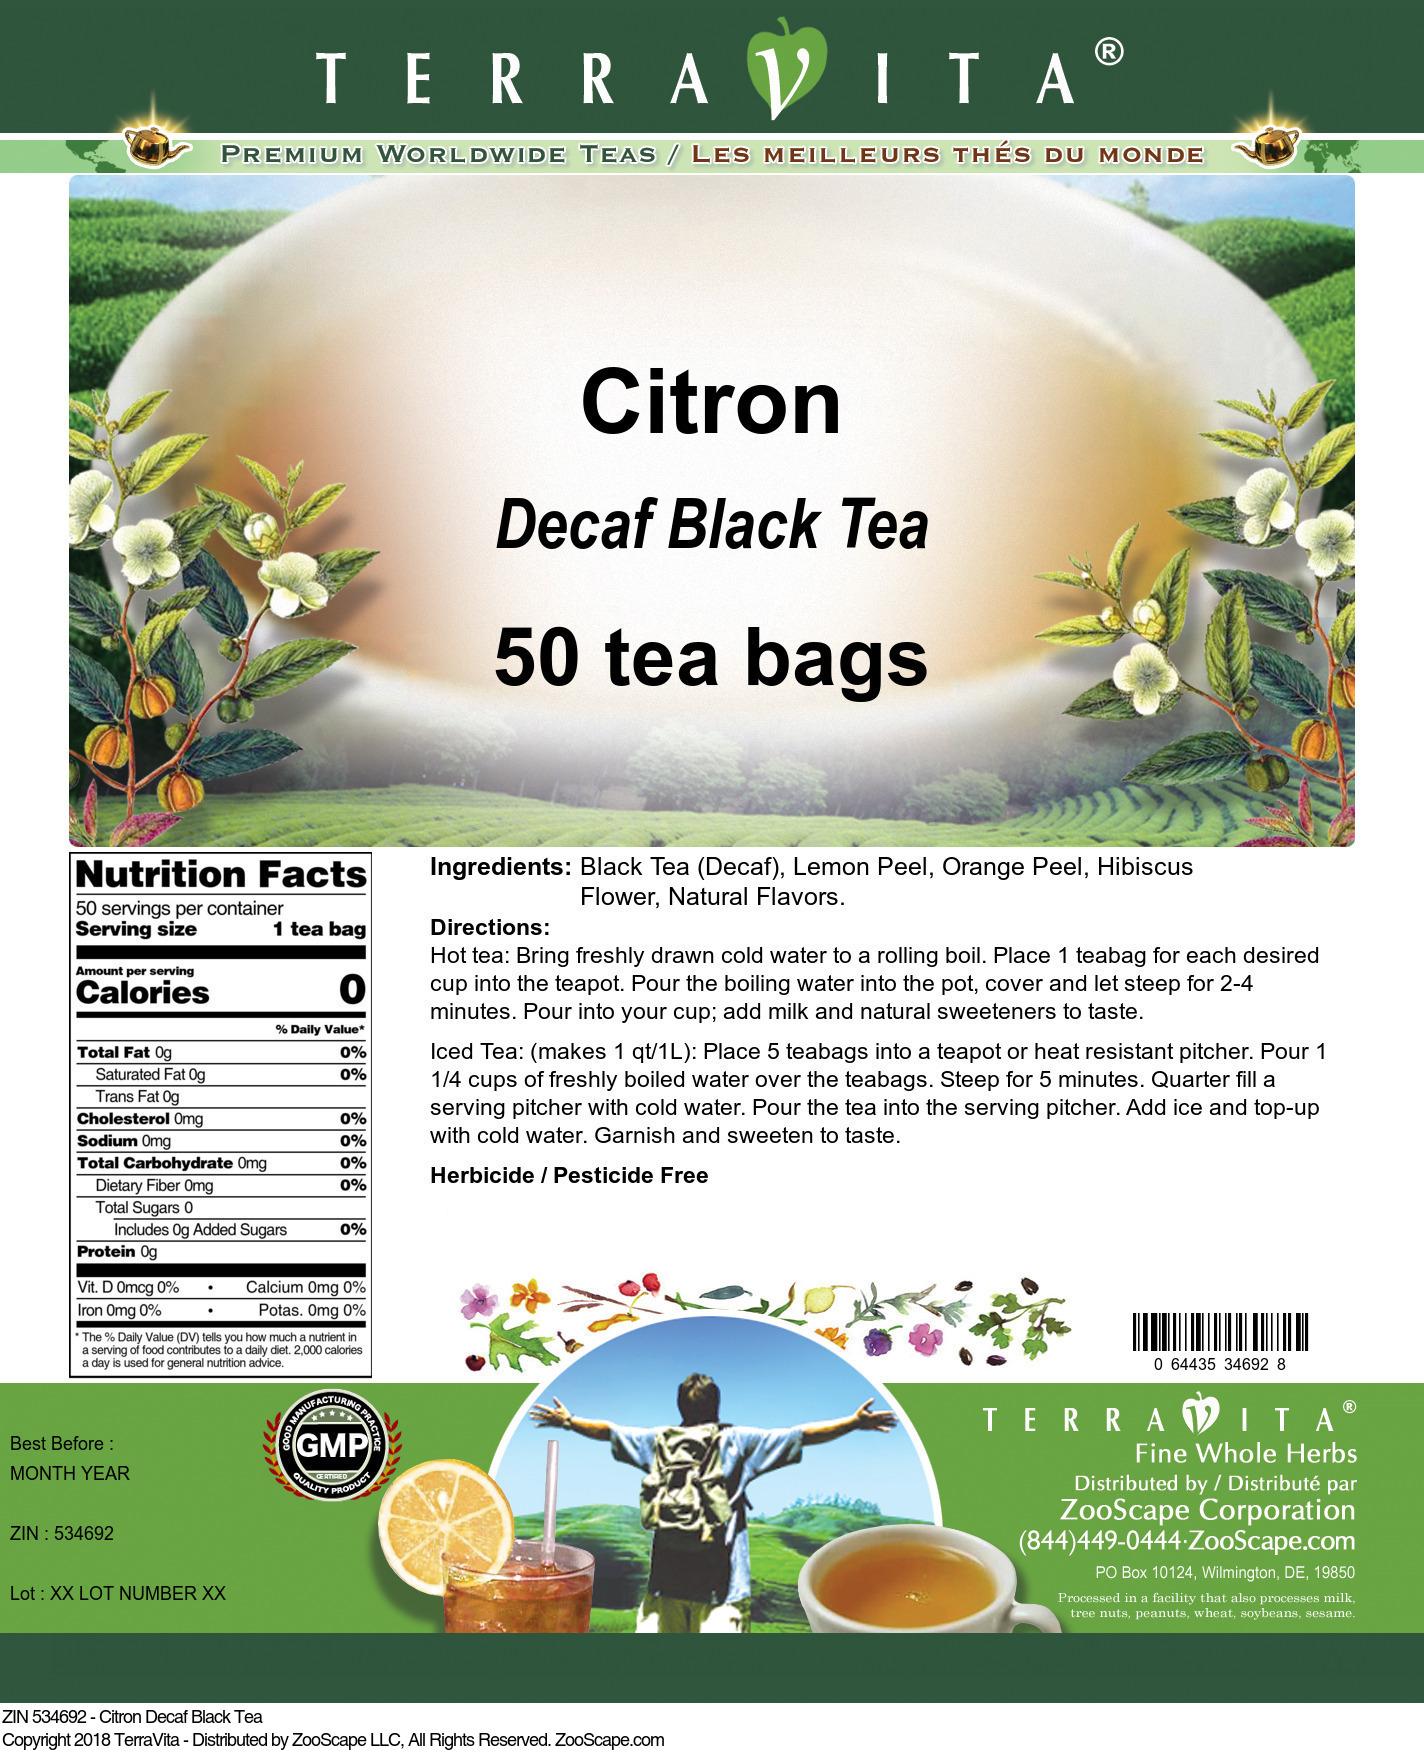 Citron Decaf Black Tea